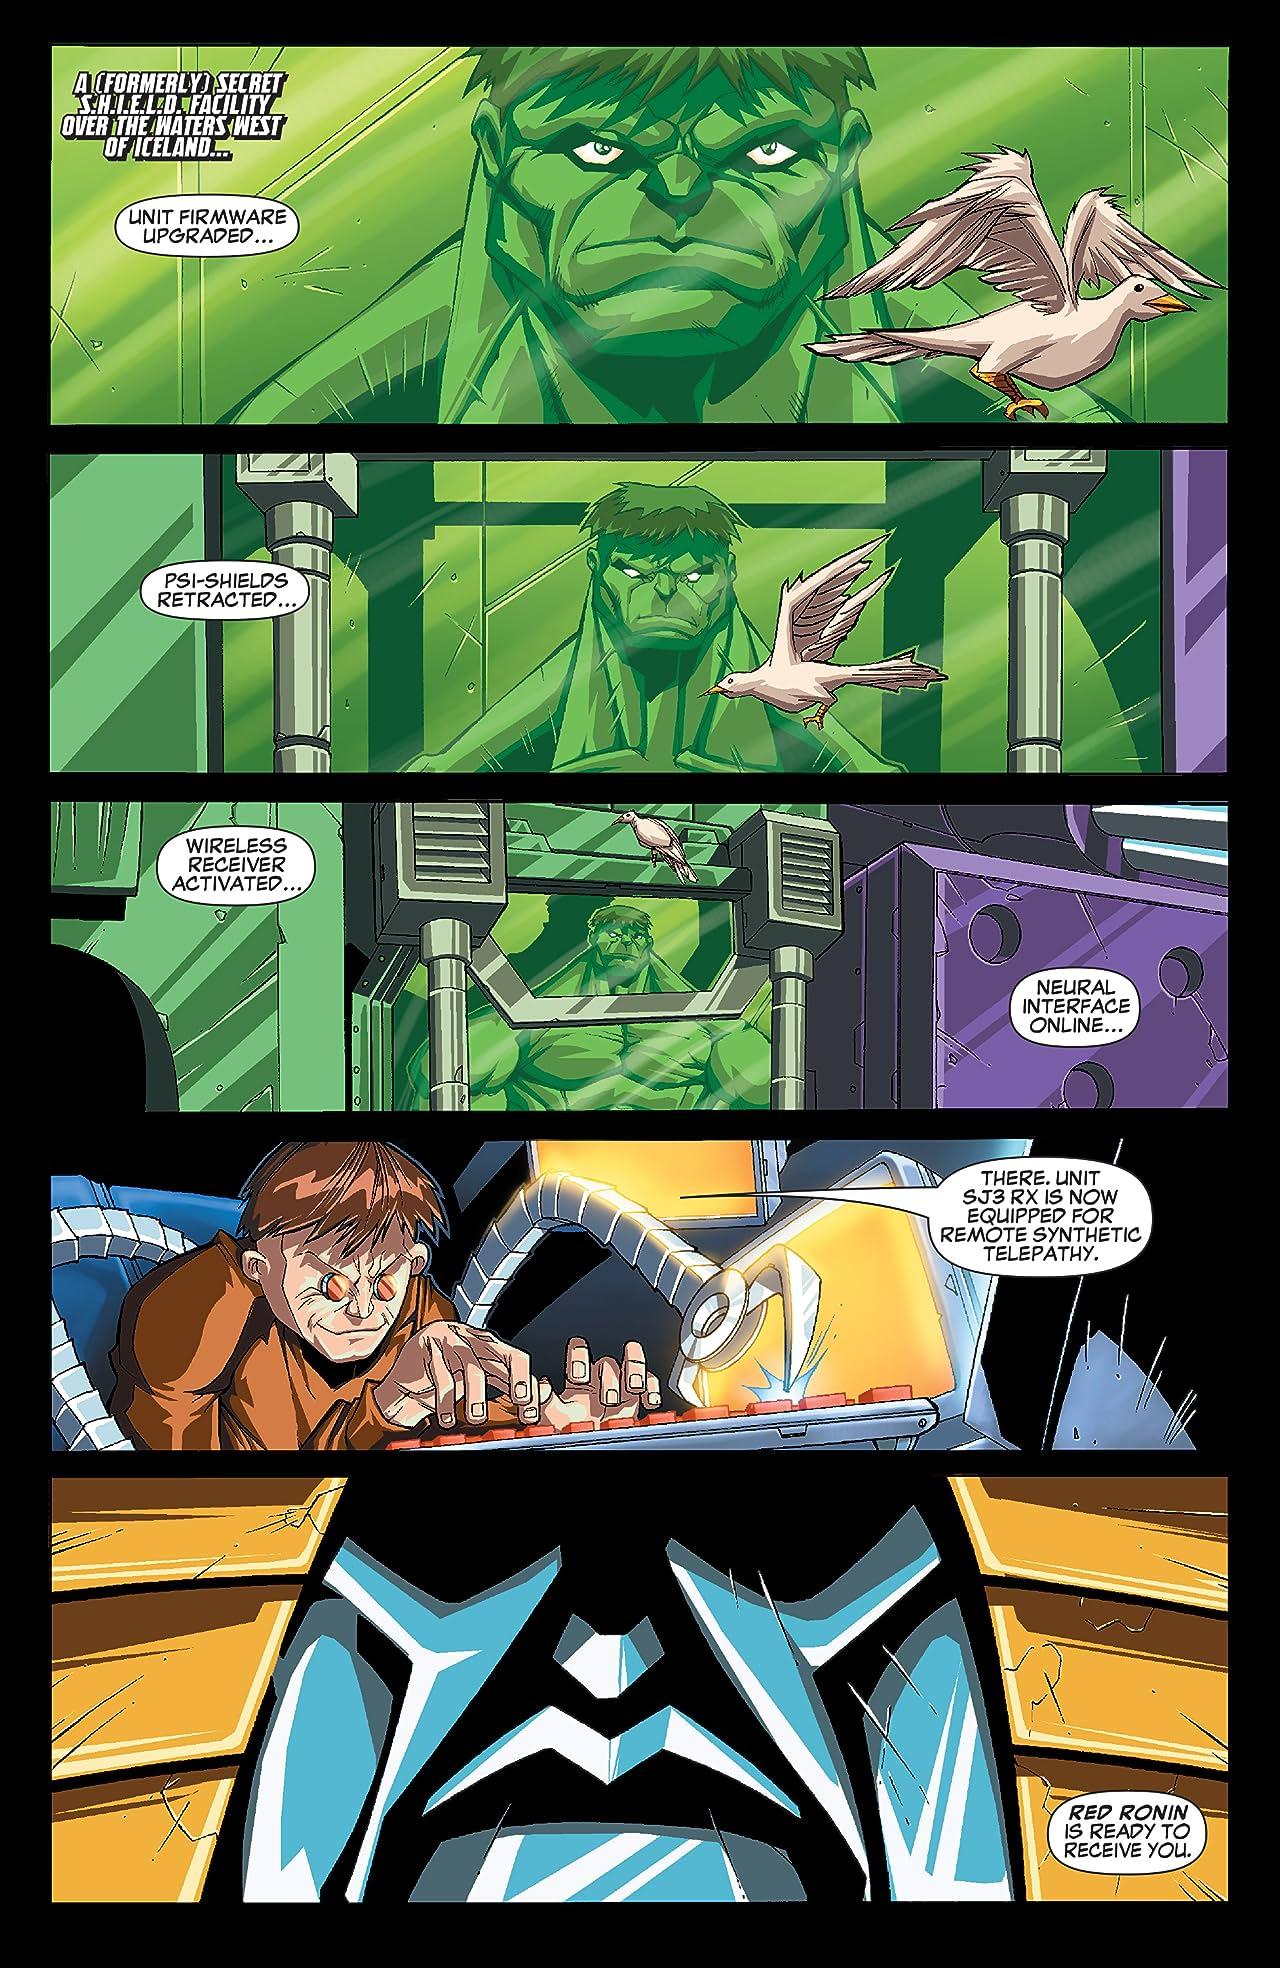 MegaMorphs (2005) #3 (of 4)